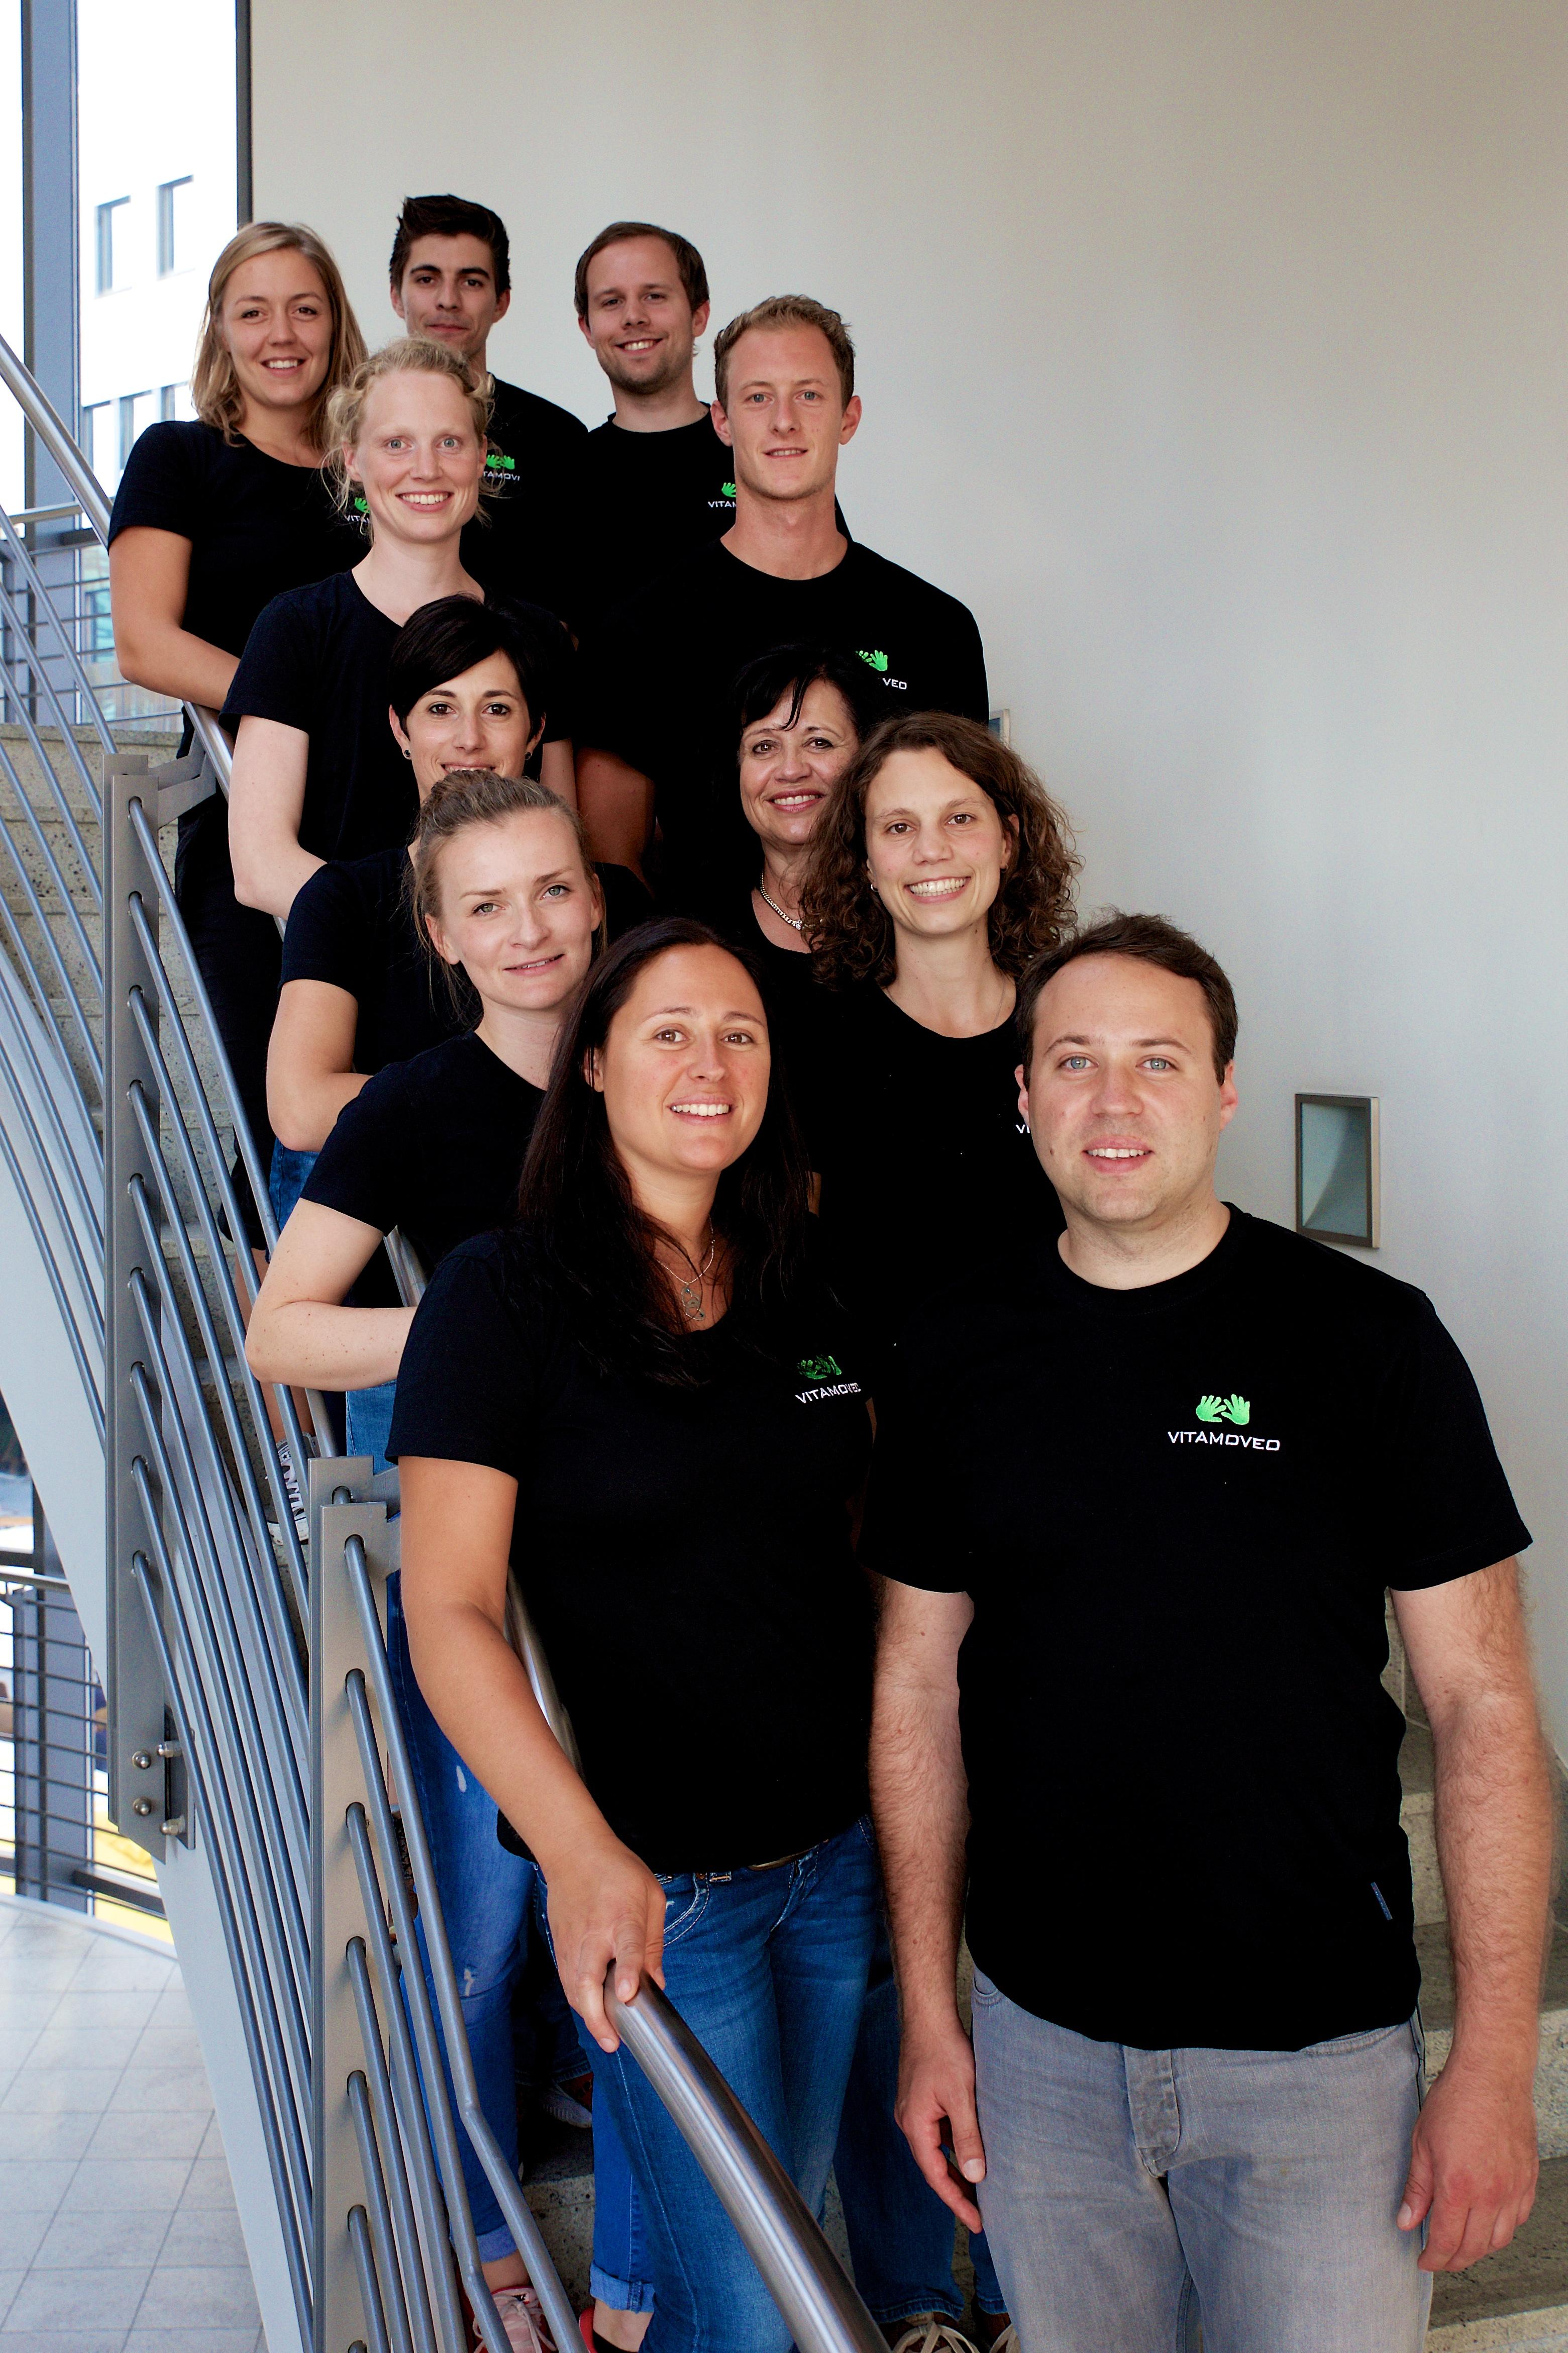 Das Team von Vitamoveo, Praxis für Cranio Sacral Therapie, Osteopathie Baby, Physiotherapie, unerfüllter Kinderwunsch.